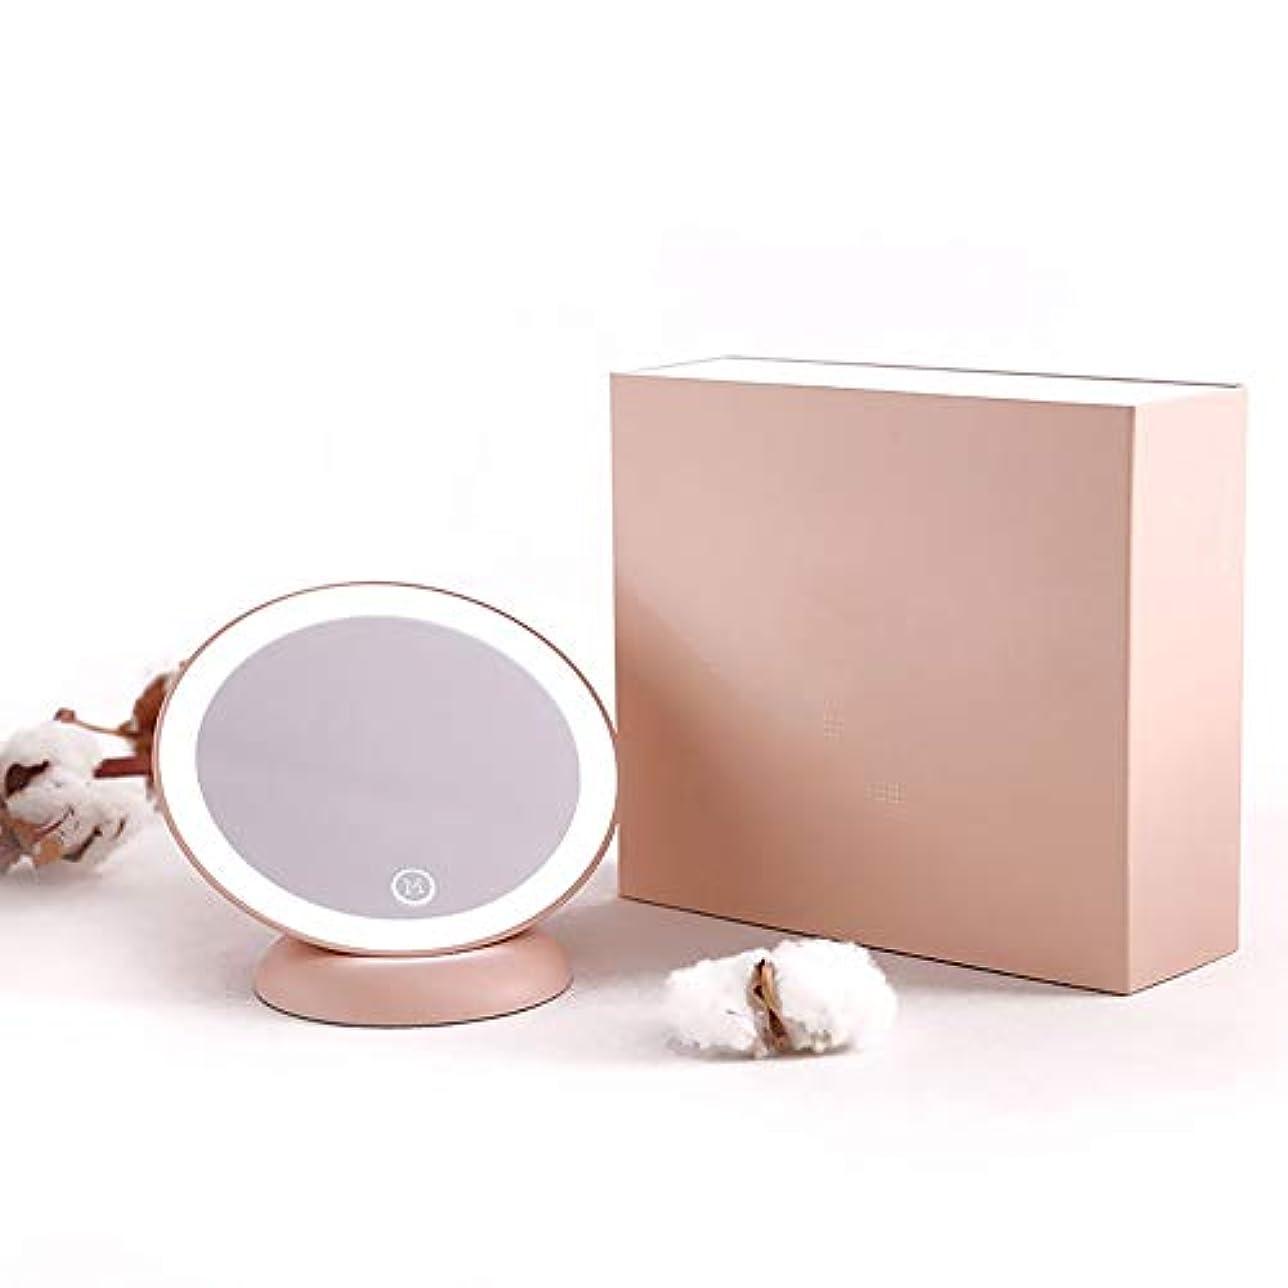 休眠メールトラブル流行の 磁石を運ぶ創造的なライト360度回転ピンク1200mAh化粧鏡